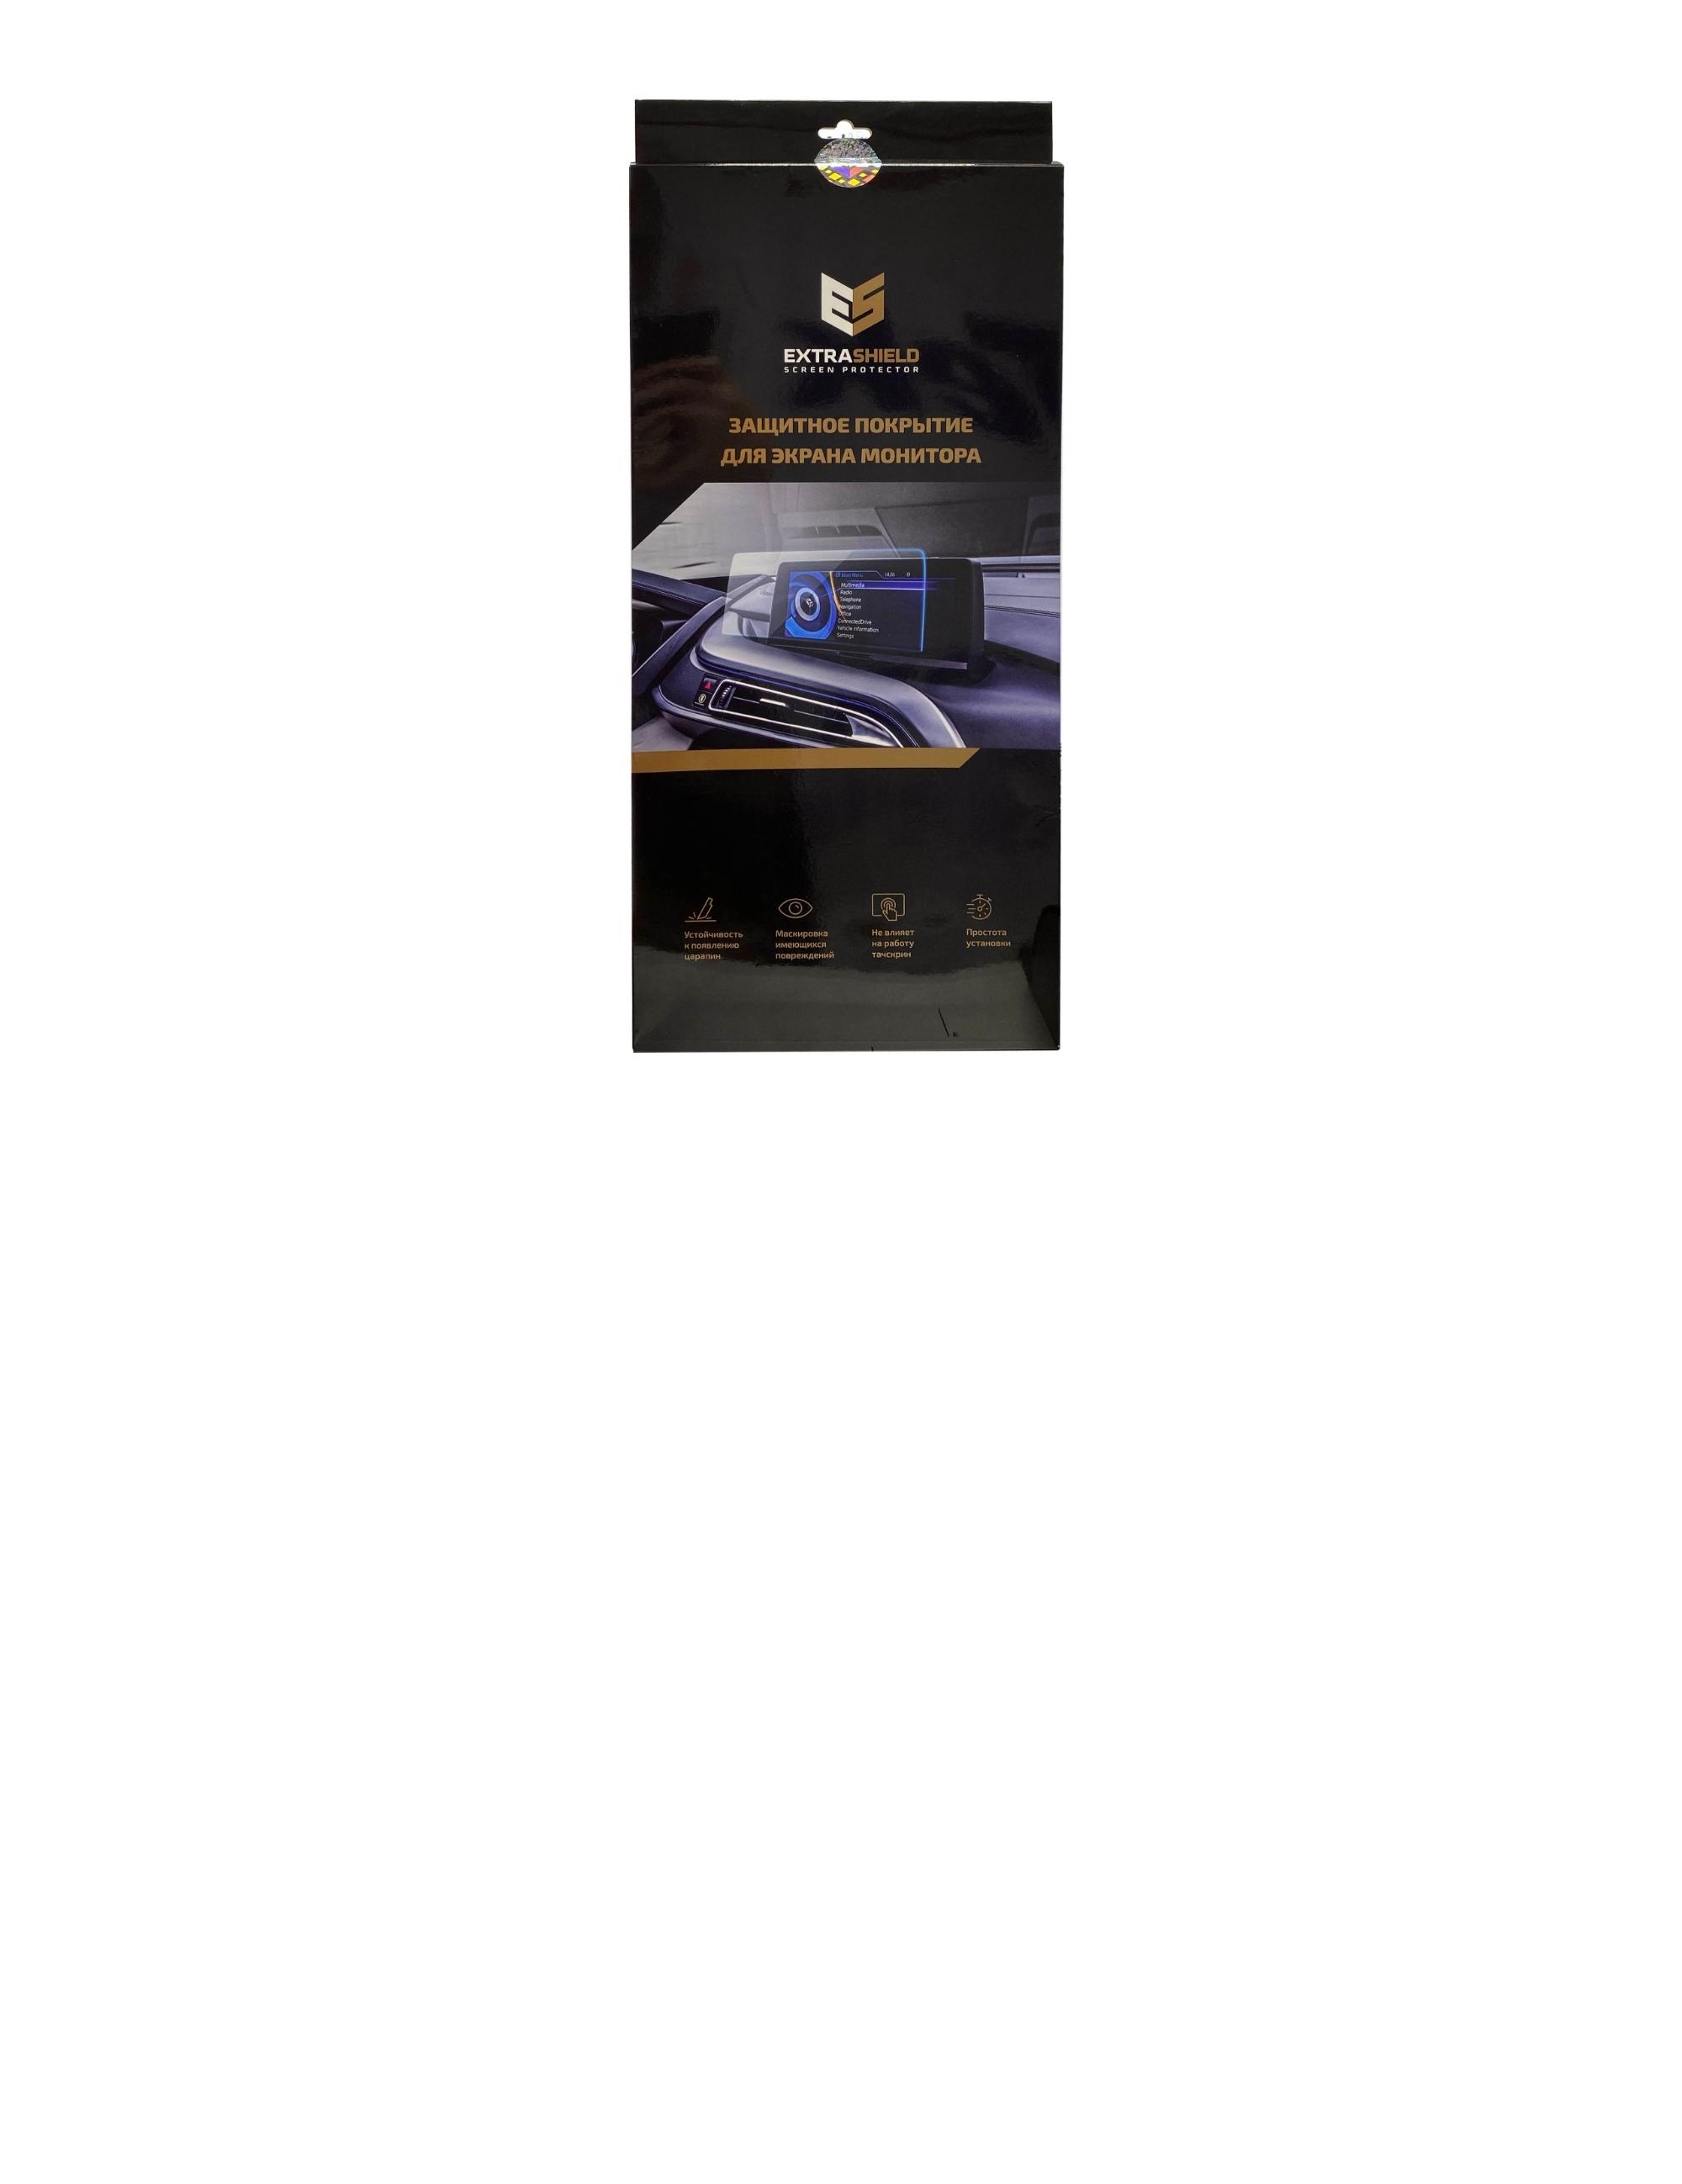 Audi Q5 II (FY) рестайлинг 2019 - н.в. приборная панель Audi Virtual Cockpit 12 Статическая пленка М